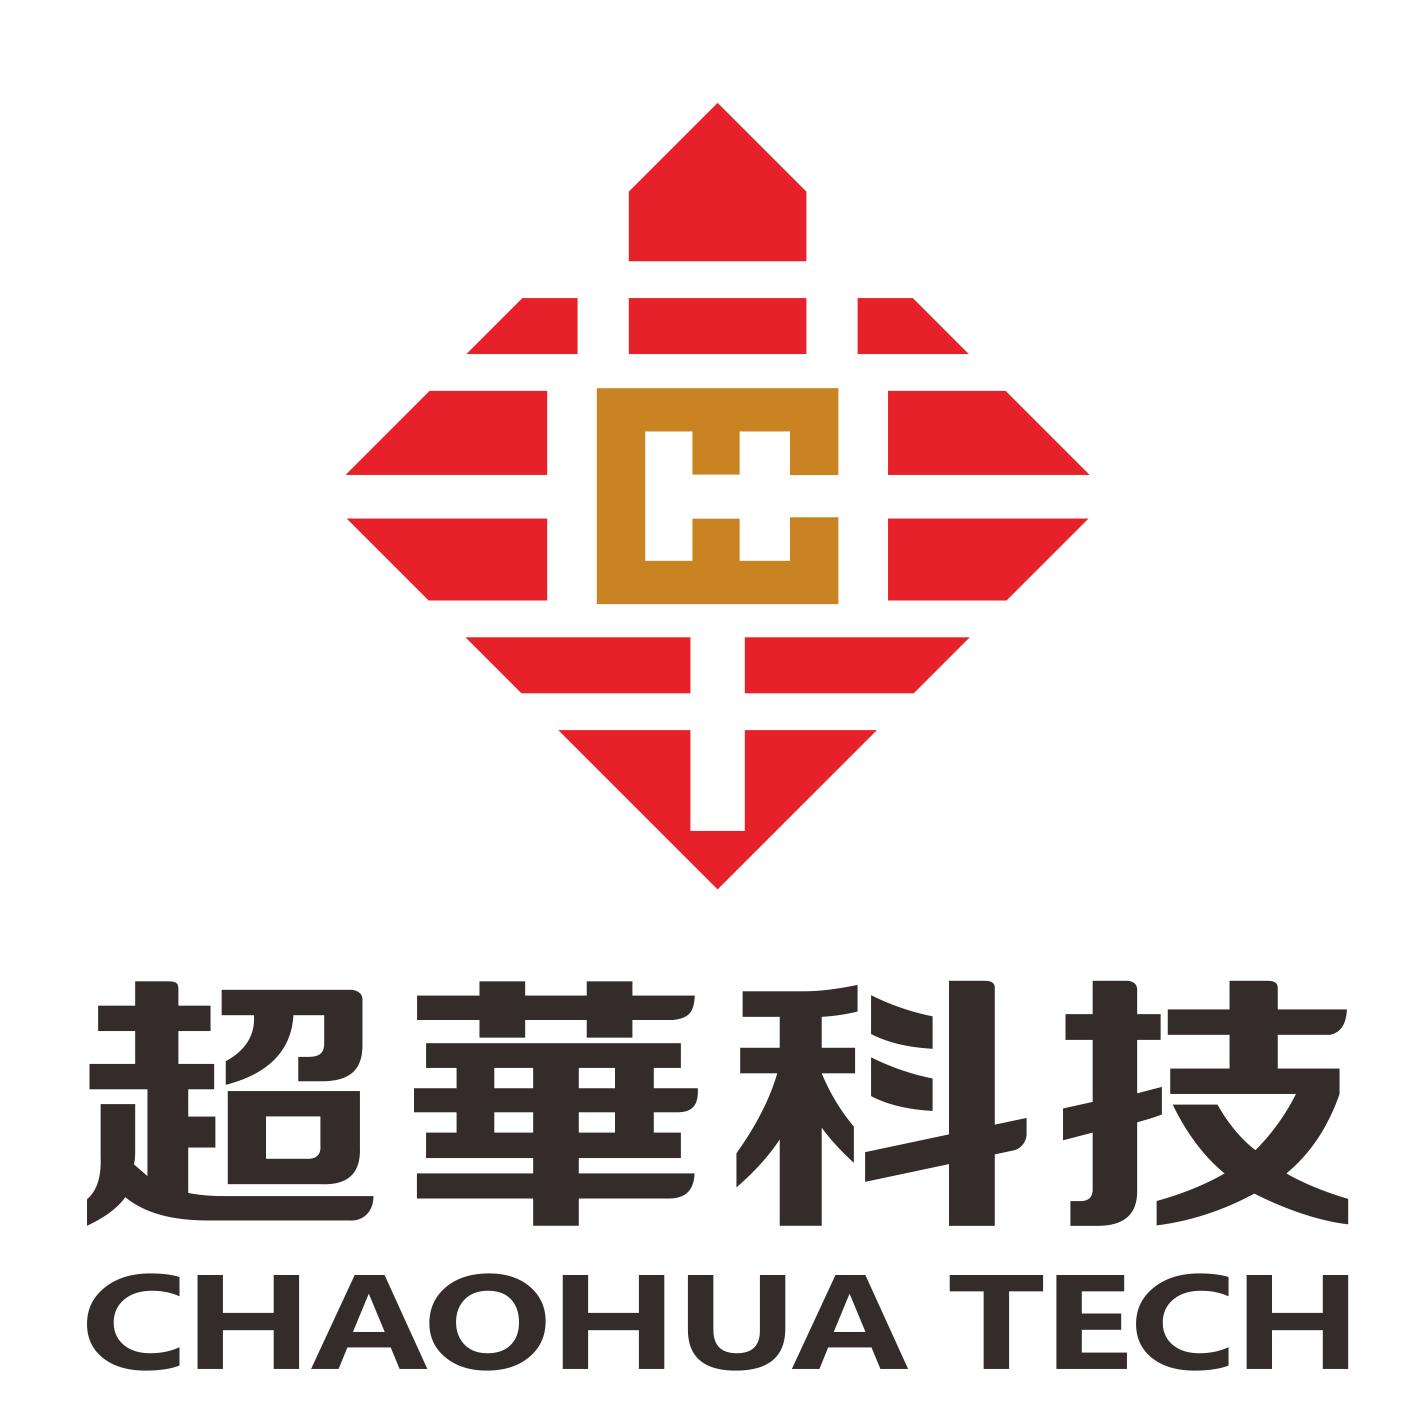 廣東超華科技股份有限公司深圳分公司